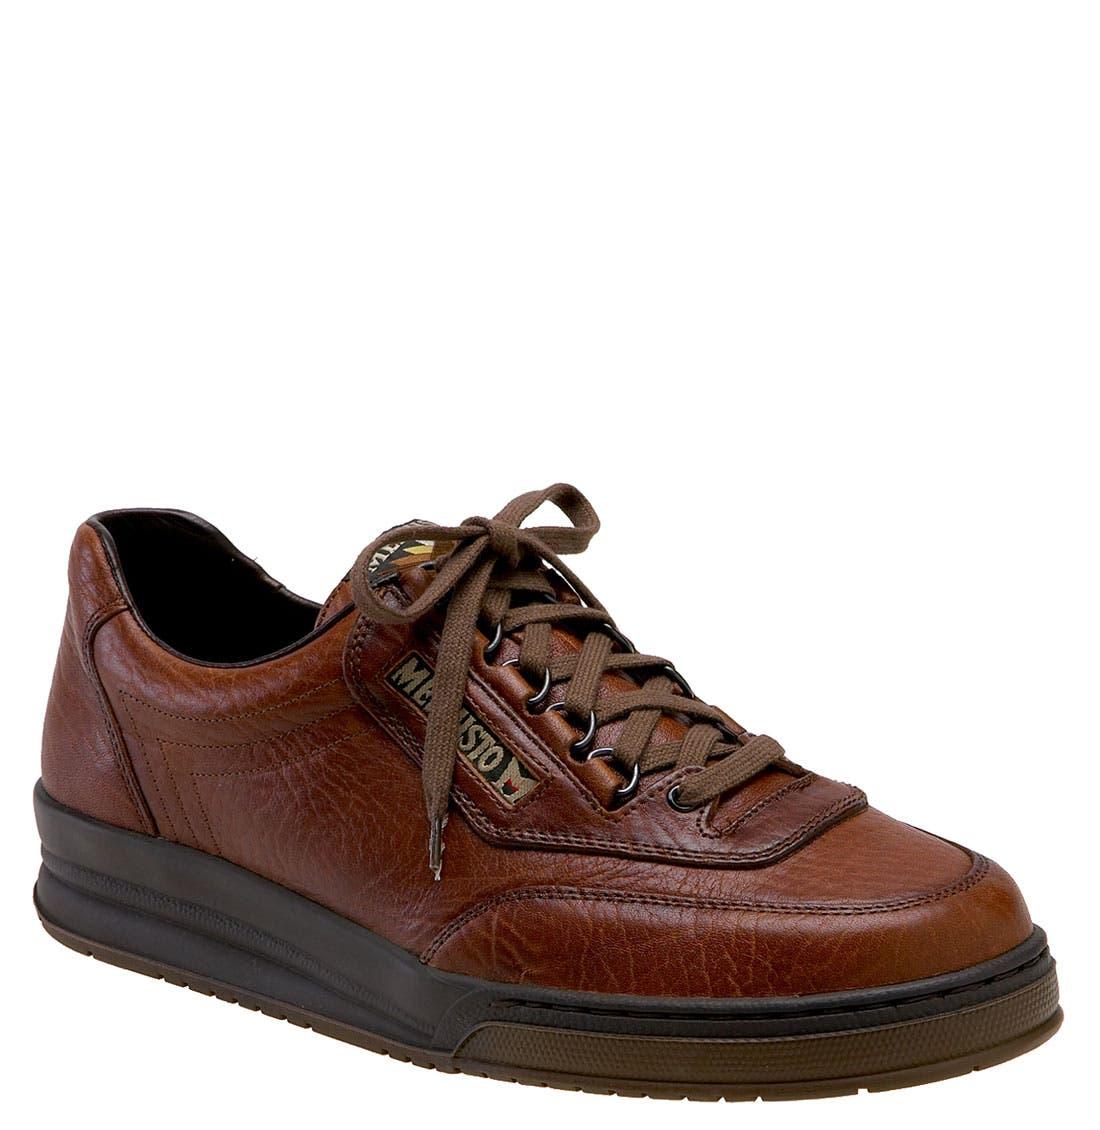 'Match' Walking Shoe